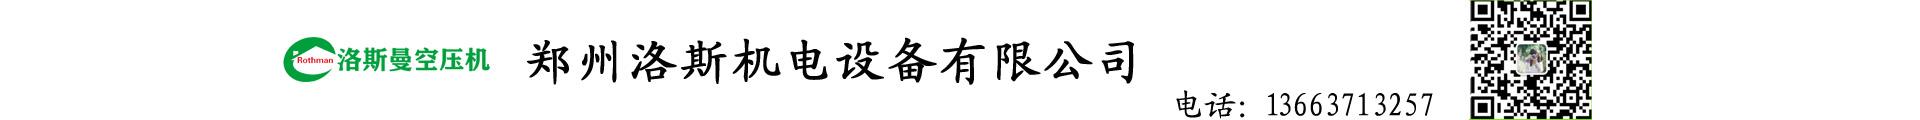 鄭州洛斯機電設備有限公司